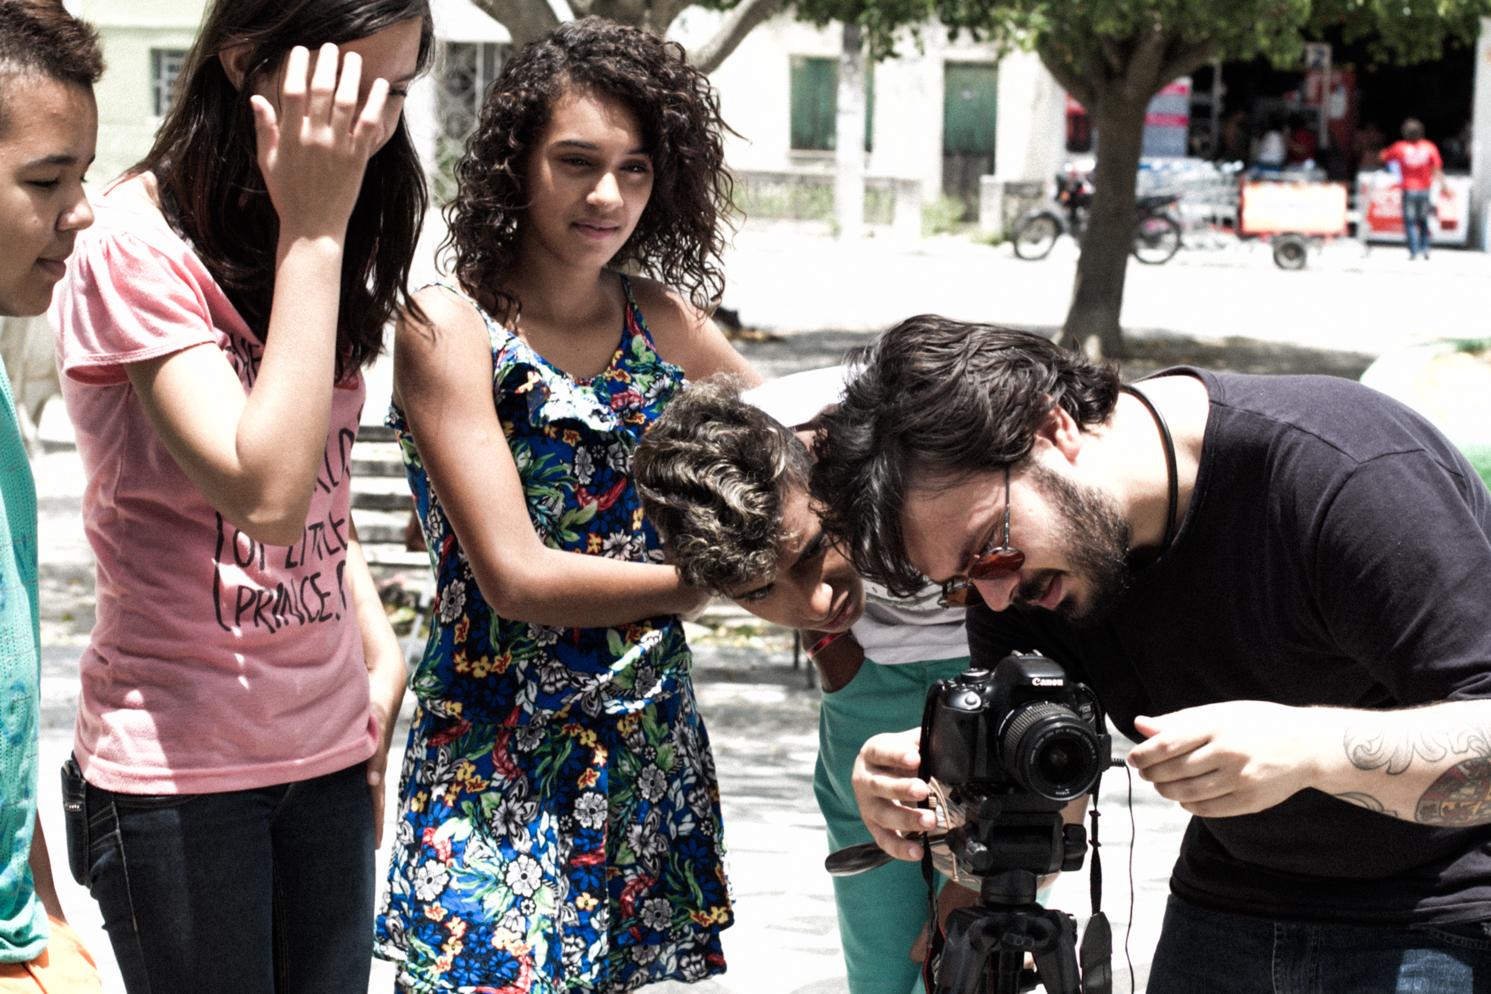 Instructeur de Réalisation de Documentaires - Enseigner à 10 élèves les bases du cinéma afin qu'ils puissent raconter leur propre histoire de Chefchaouen et de sa musique traditionnelle